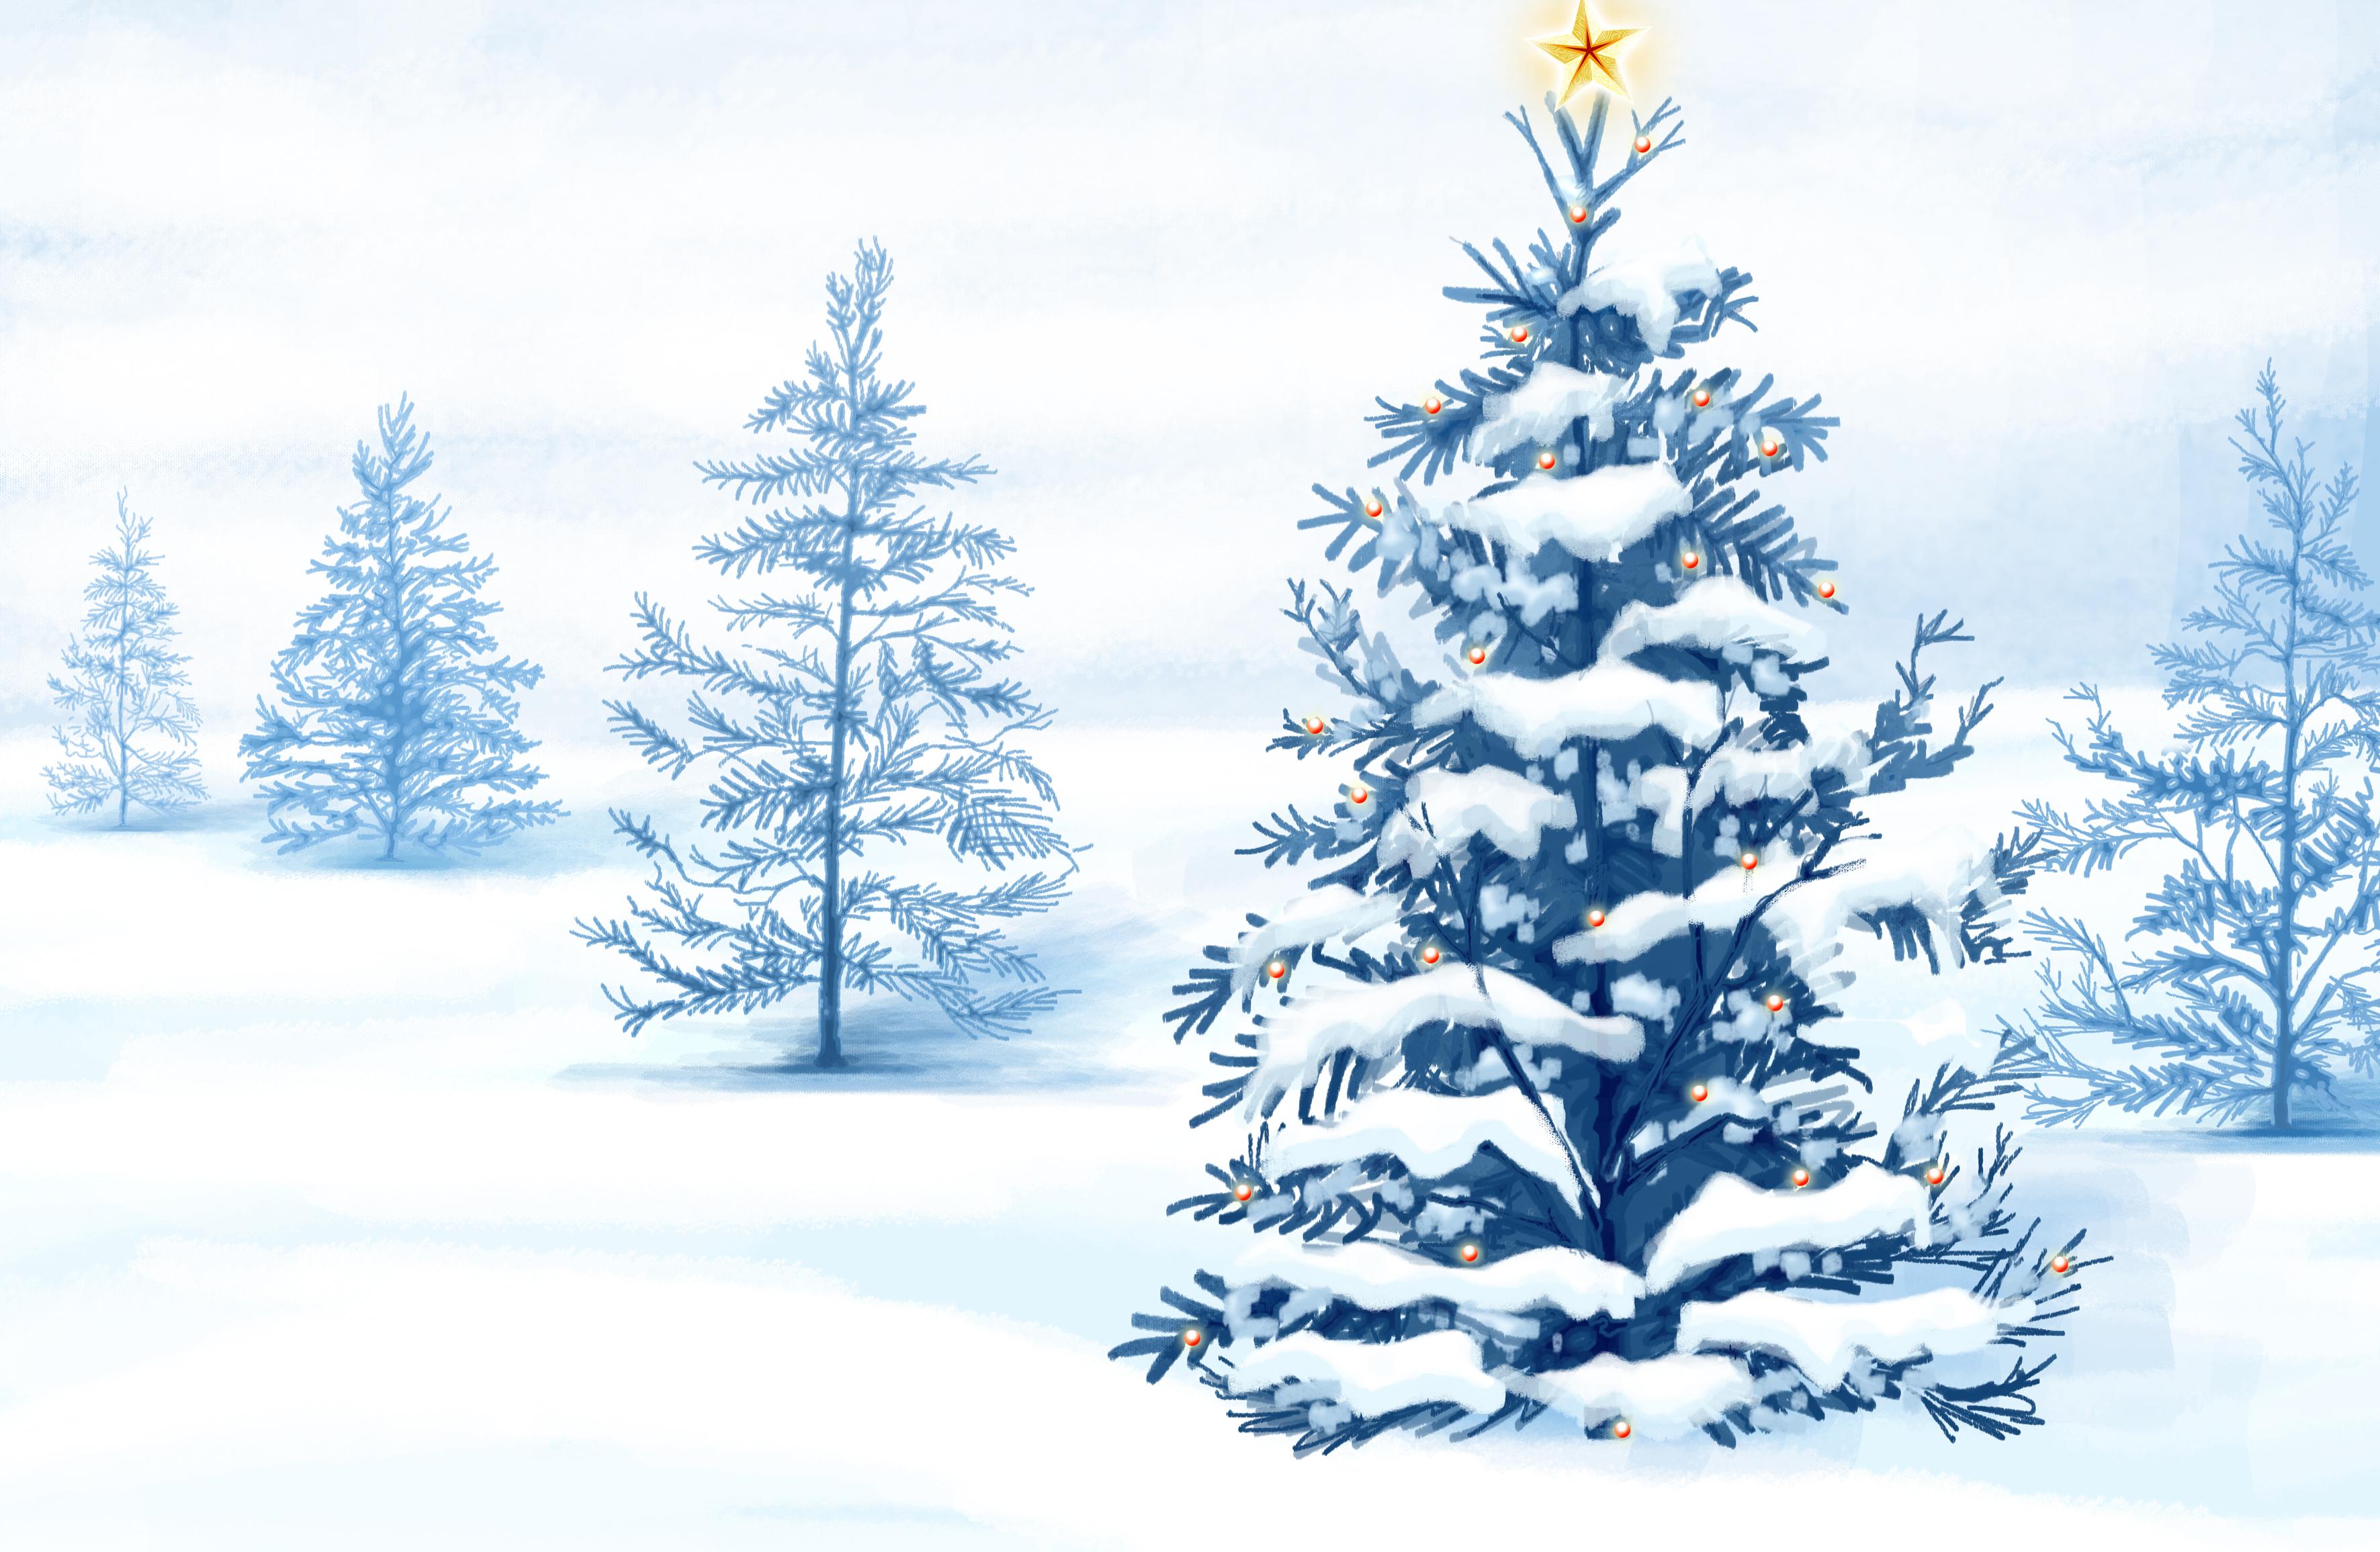 календари, дипломы картинка снежного леса срисовать термометр